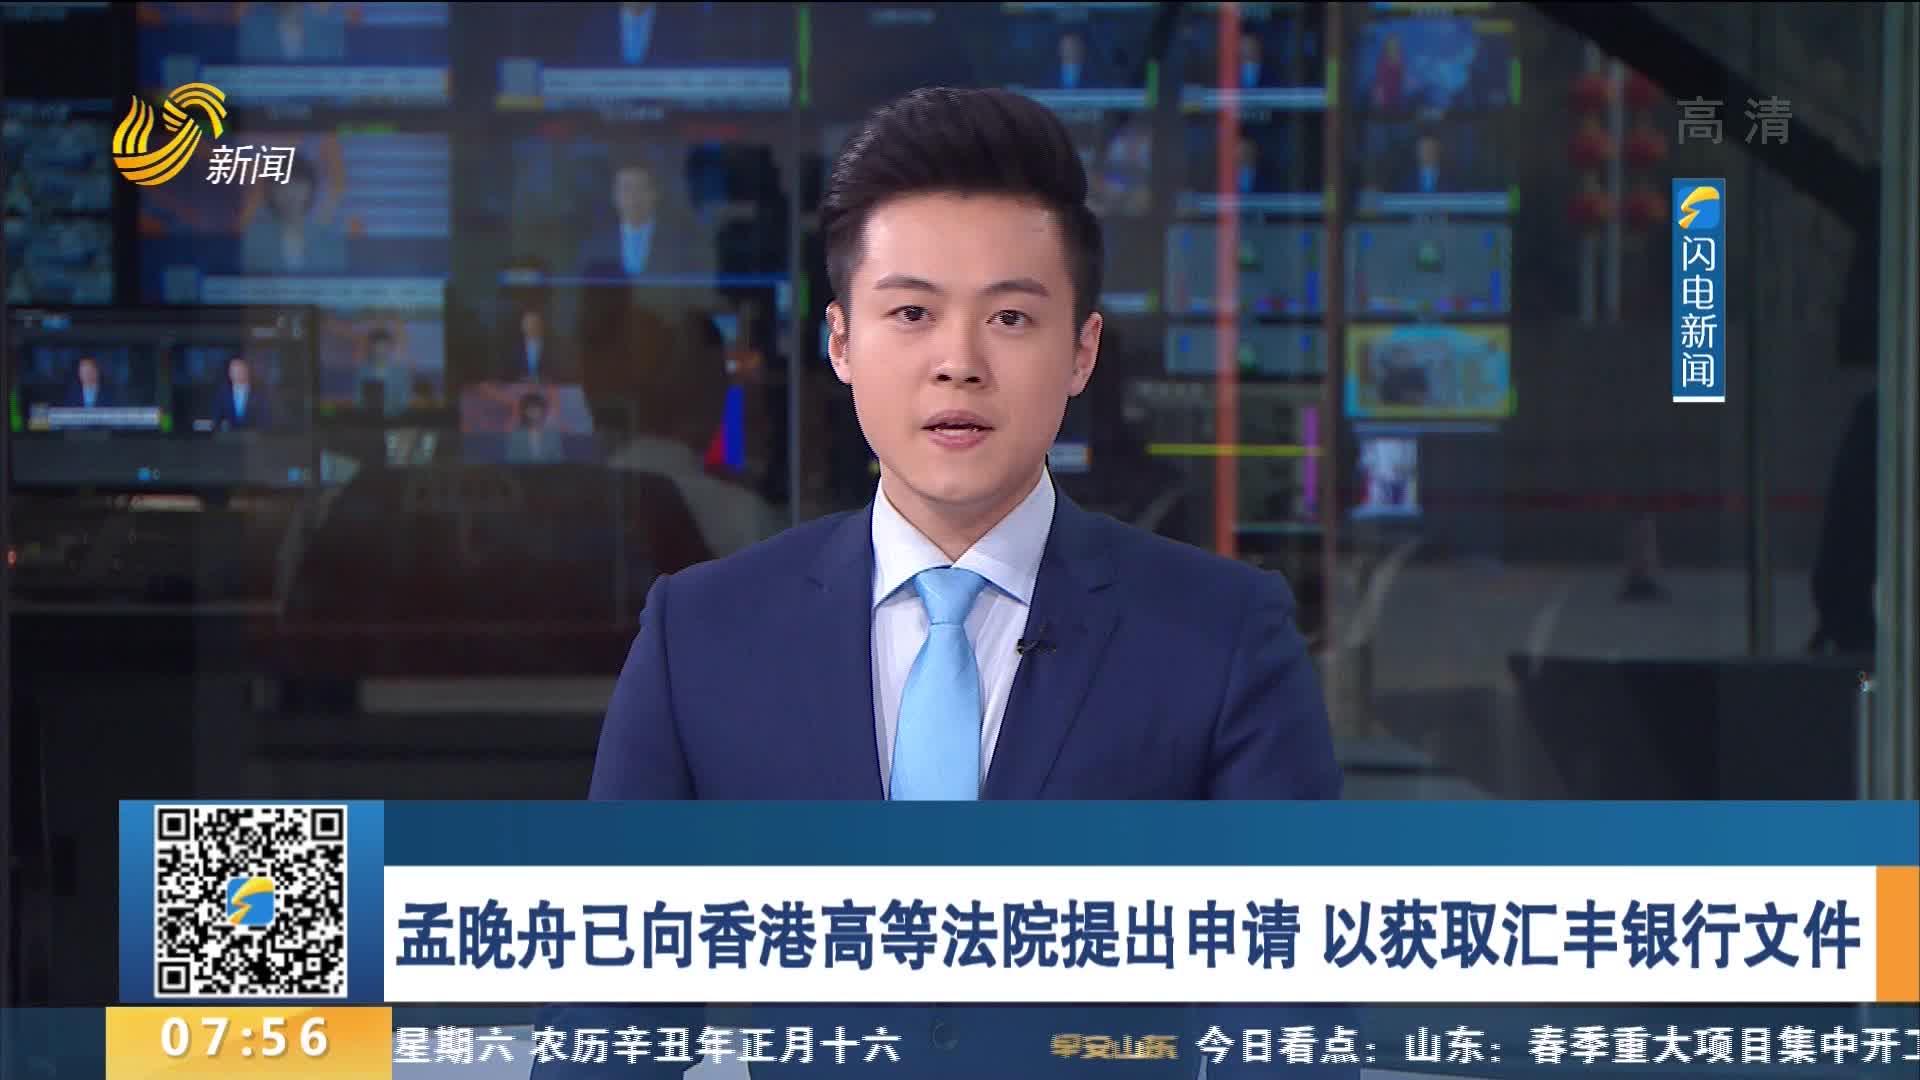 孟晚舟已向香港高等法院提出申请 以获取汇丰银行文件